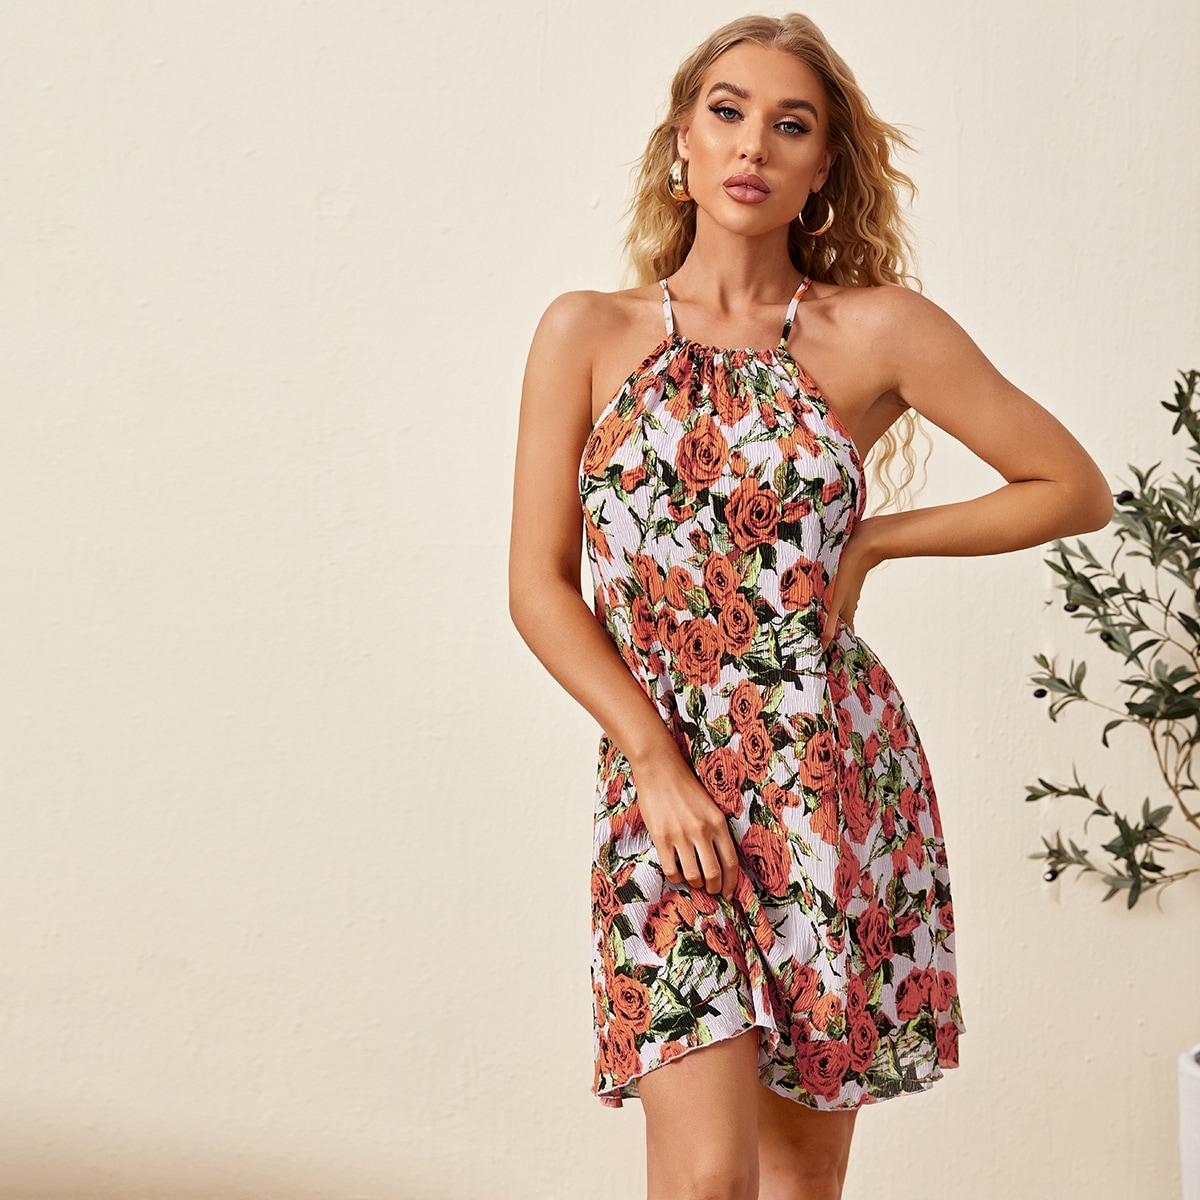 Платье-халтер с цветочным принтом по цене 990